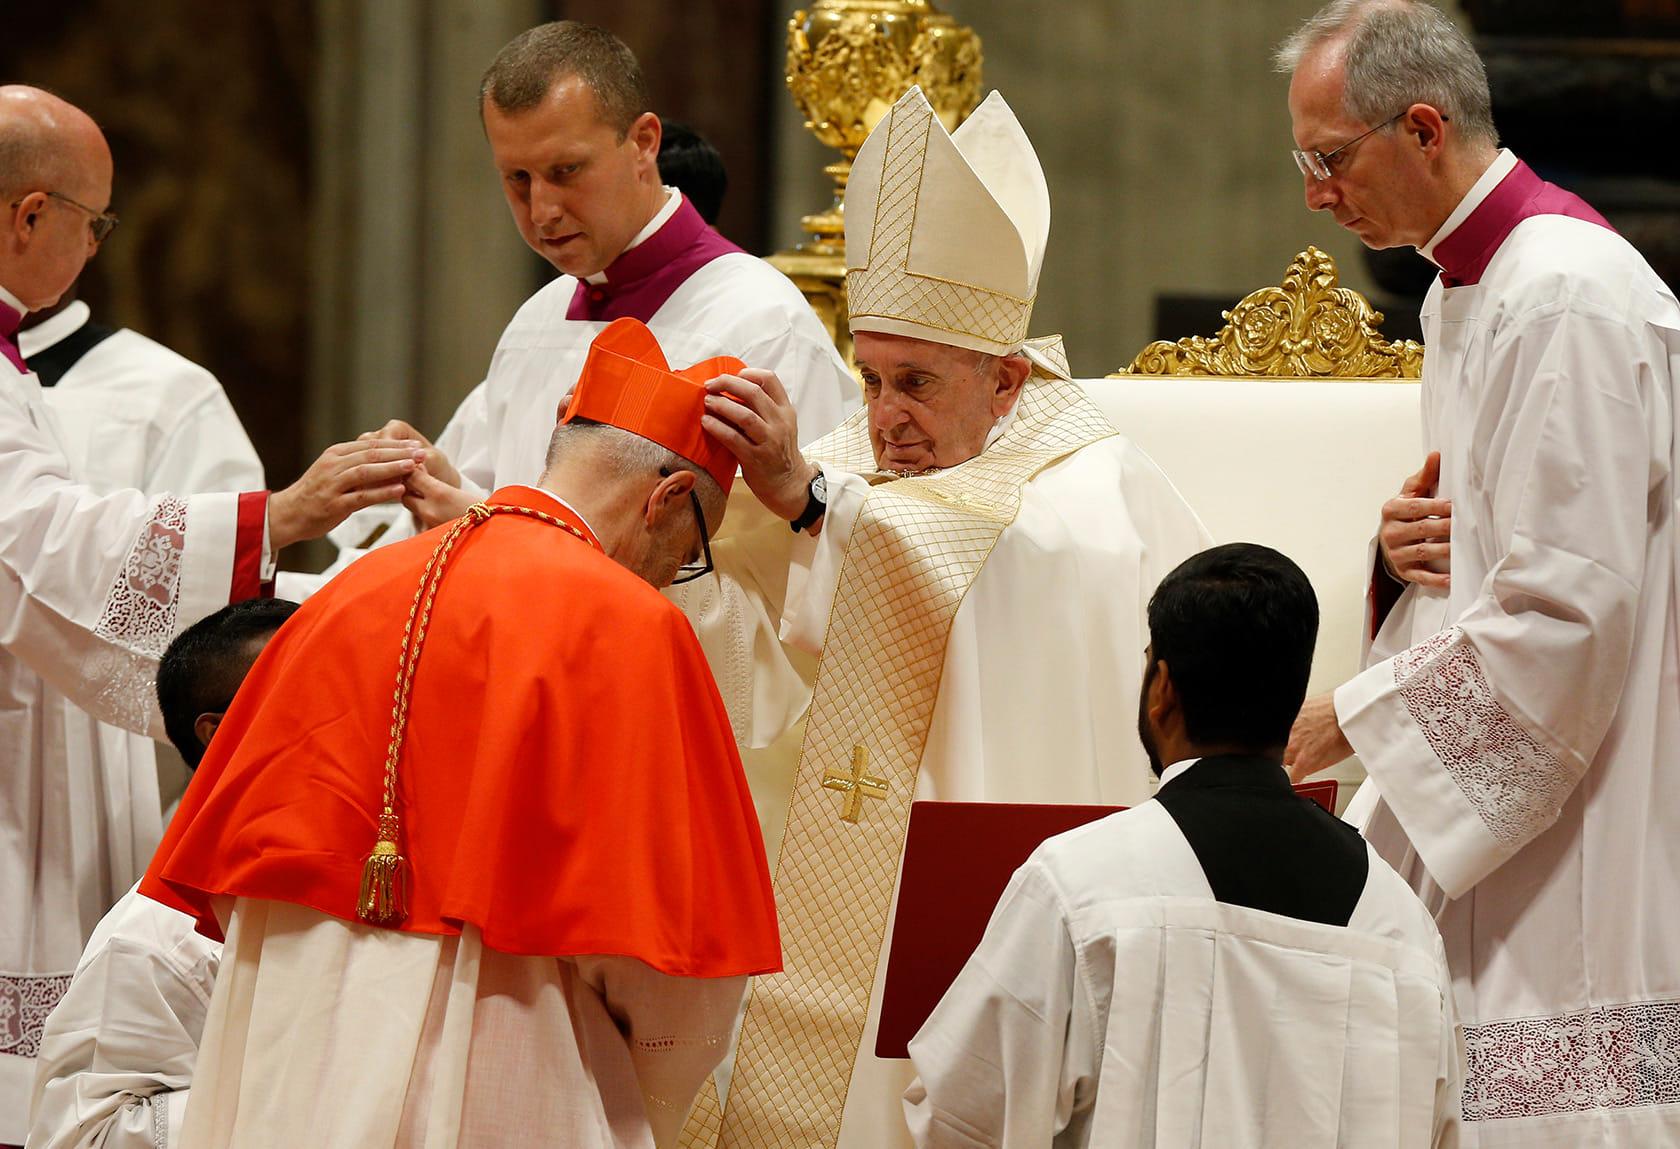 Папа Франциск під час церемоніі в Соборі св. Петра возводить Майкла Черні в сан кардинала. Ватикан, 05 жовтня 2019 року. ФОТО НАДАНЕ З ОСОБИСТОГО АРХІВУ